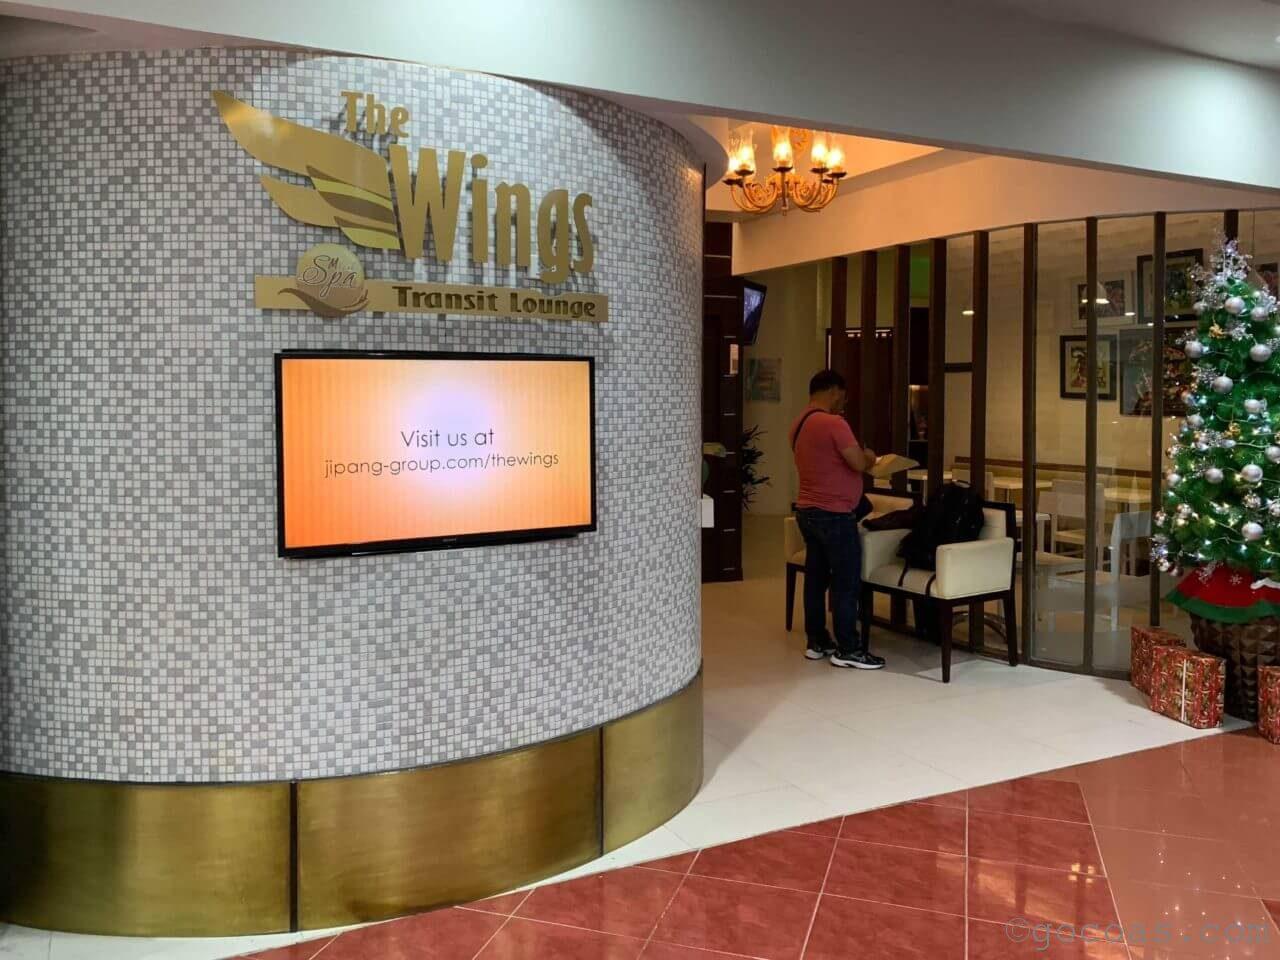 ニノイ・アキノ国際空港(マニラ空港)The Wings Transit Lounge